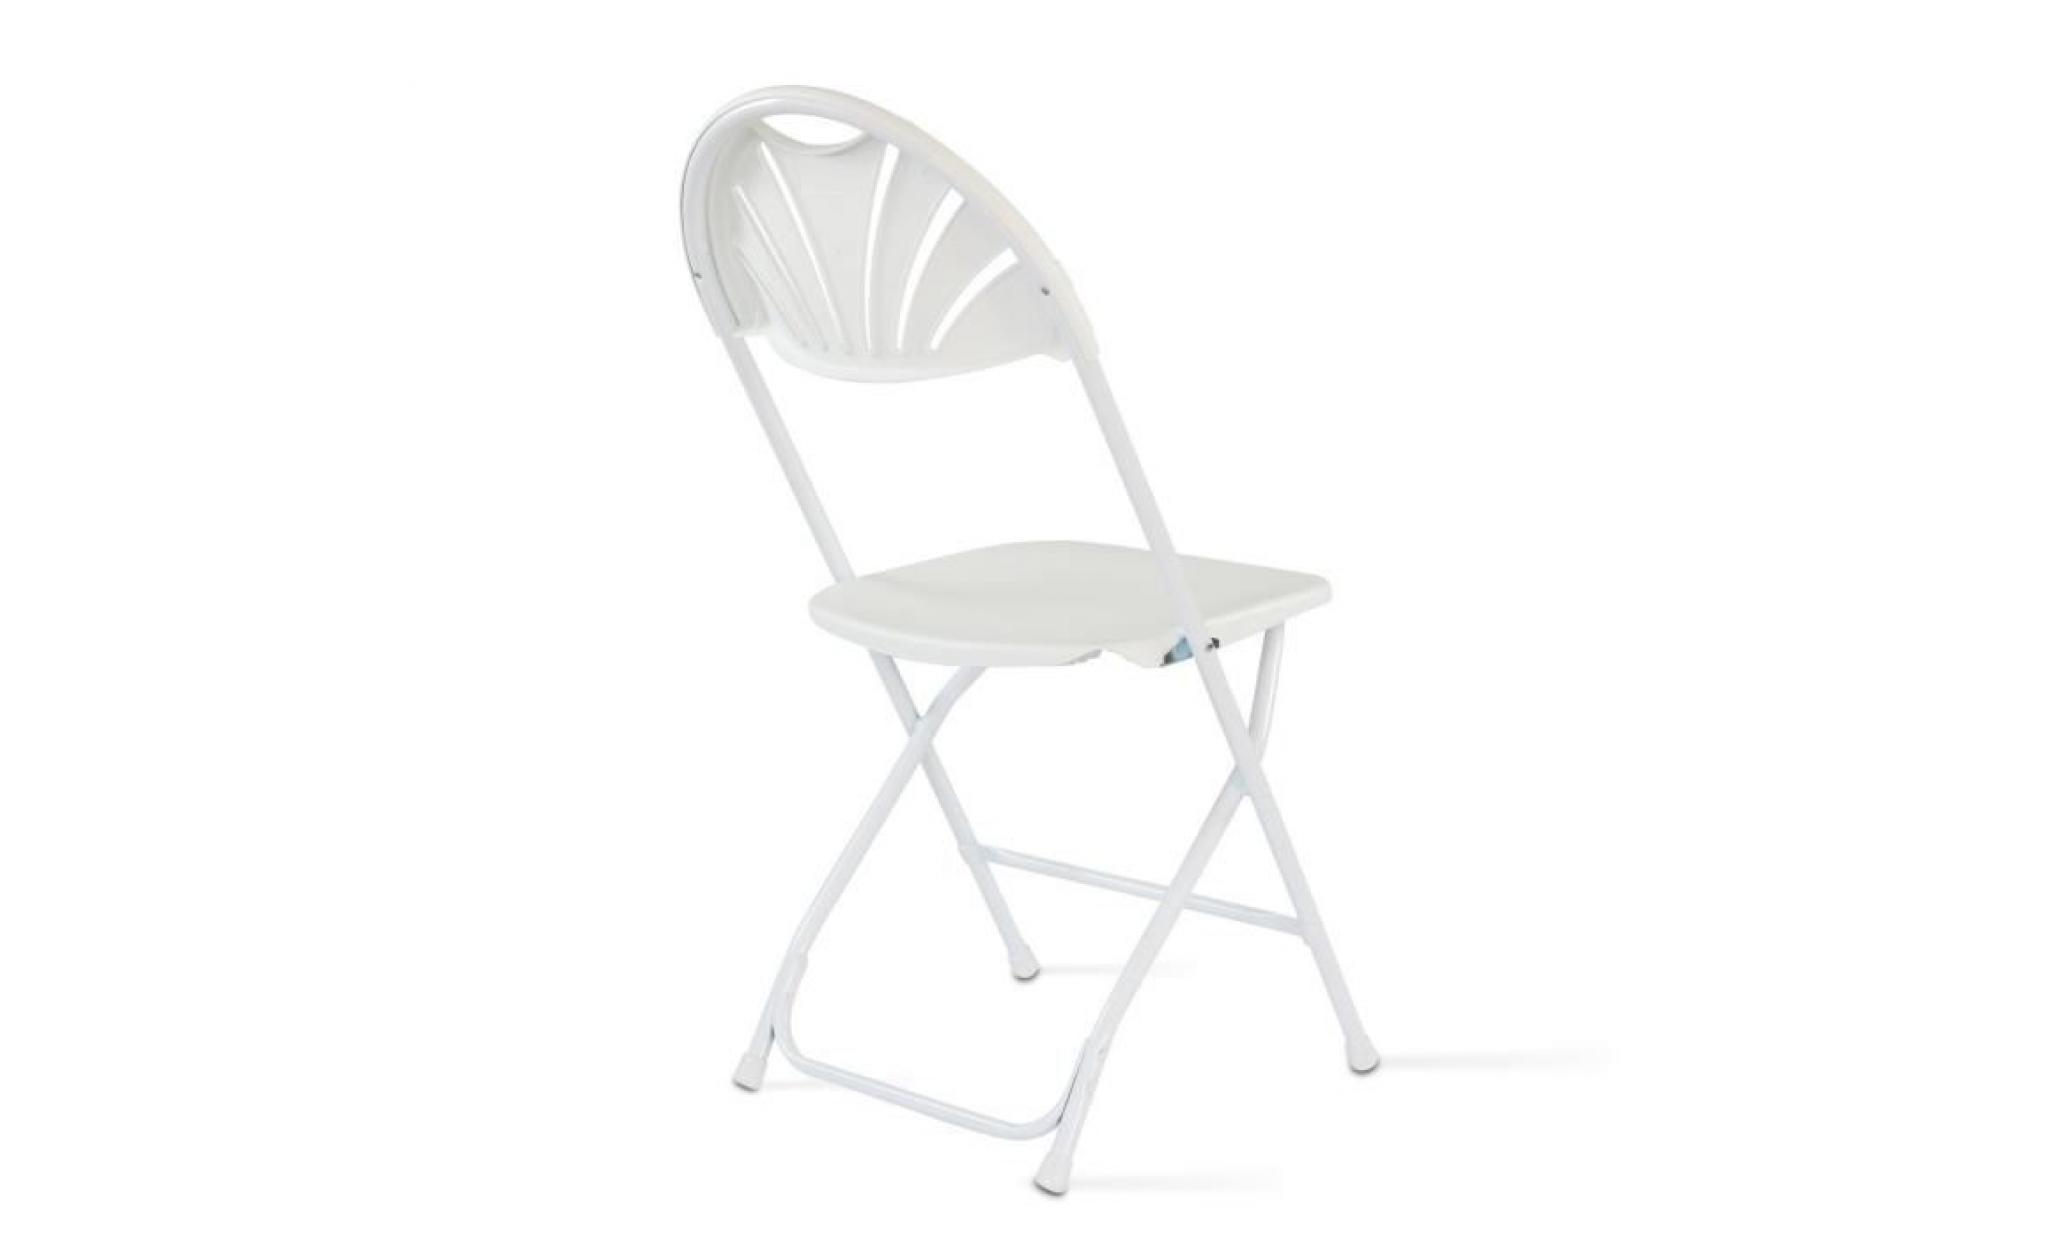 chaise pliante blanc - Achat/Vente fauteuil de jardin en ...